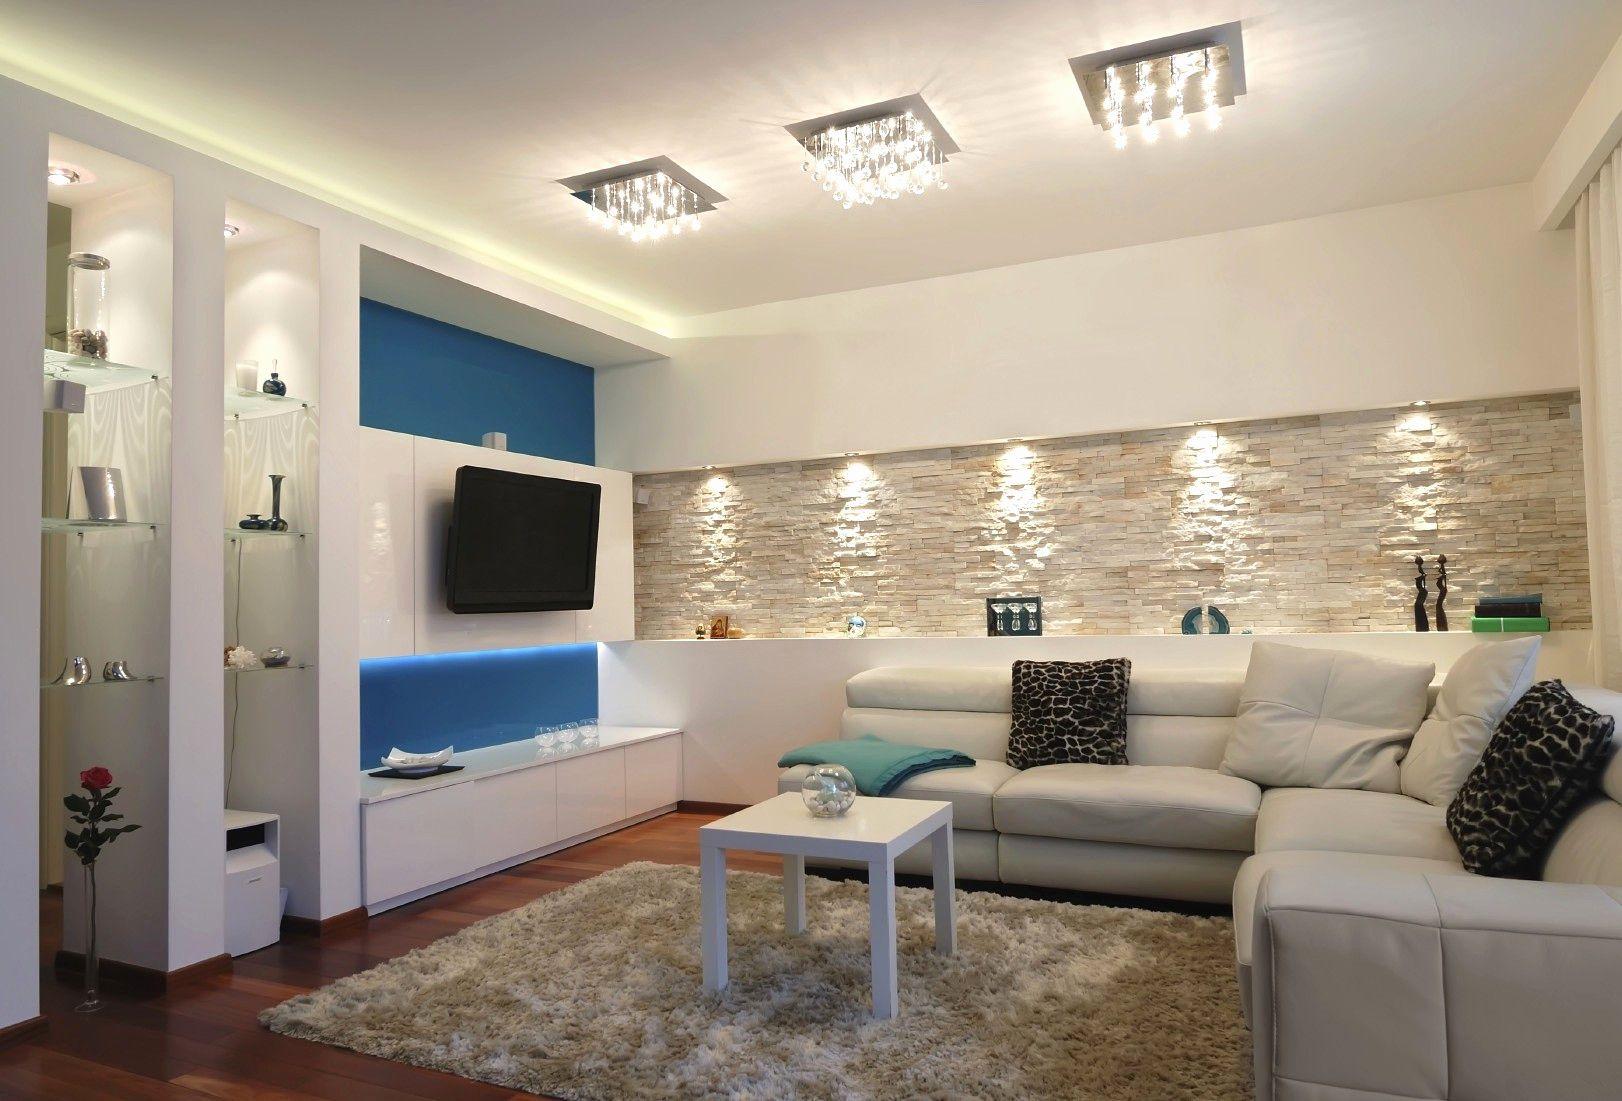 Pin Von Baggio Auf Wohnkultur Ideen In 2020 Beleuchtung Wohnzimmer Wohnzimmer Ideen Modern Wohnzimmer Licht